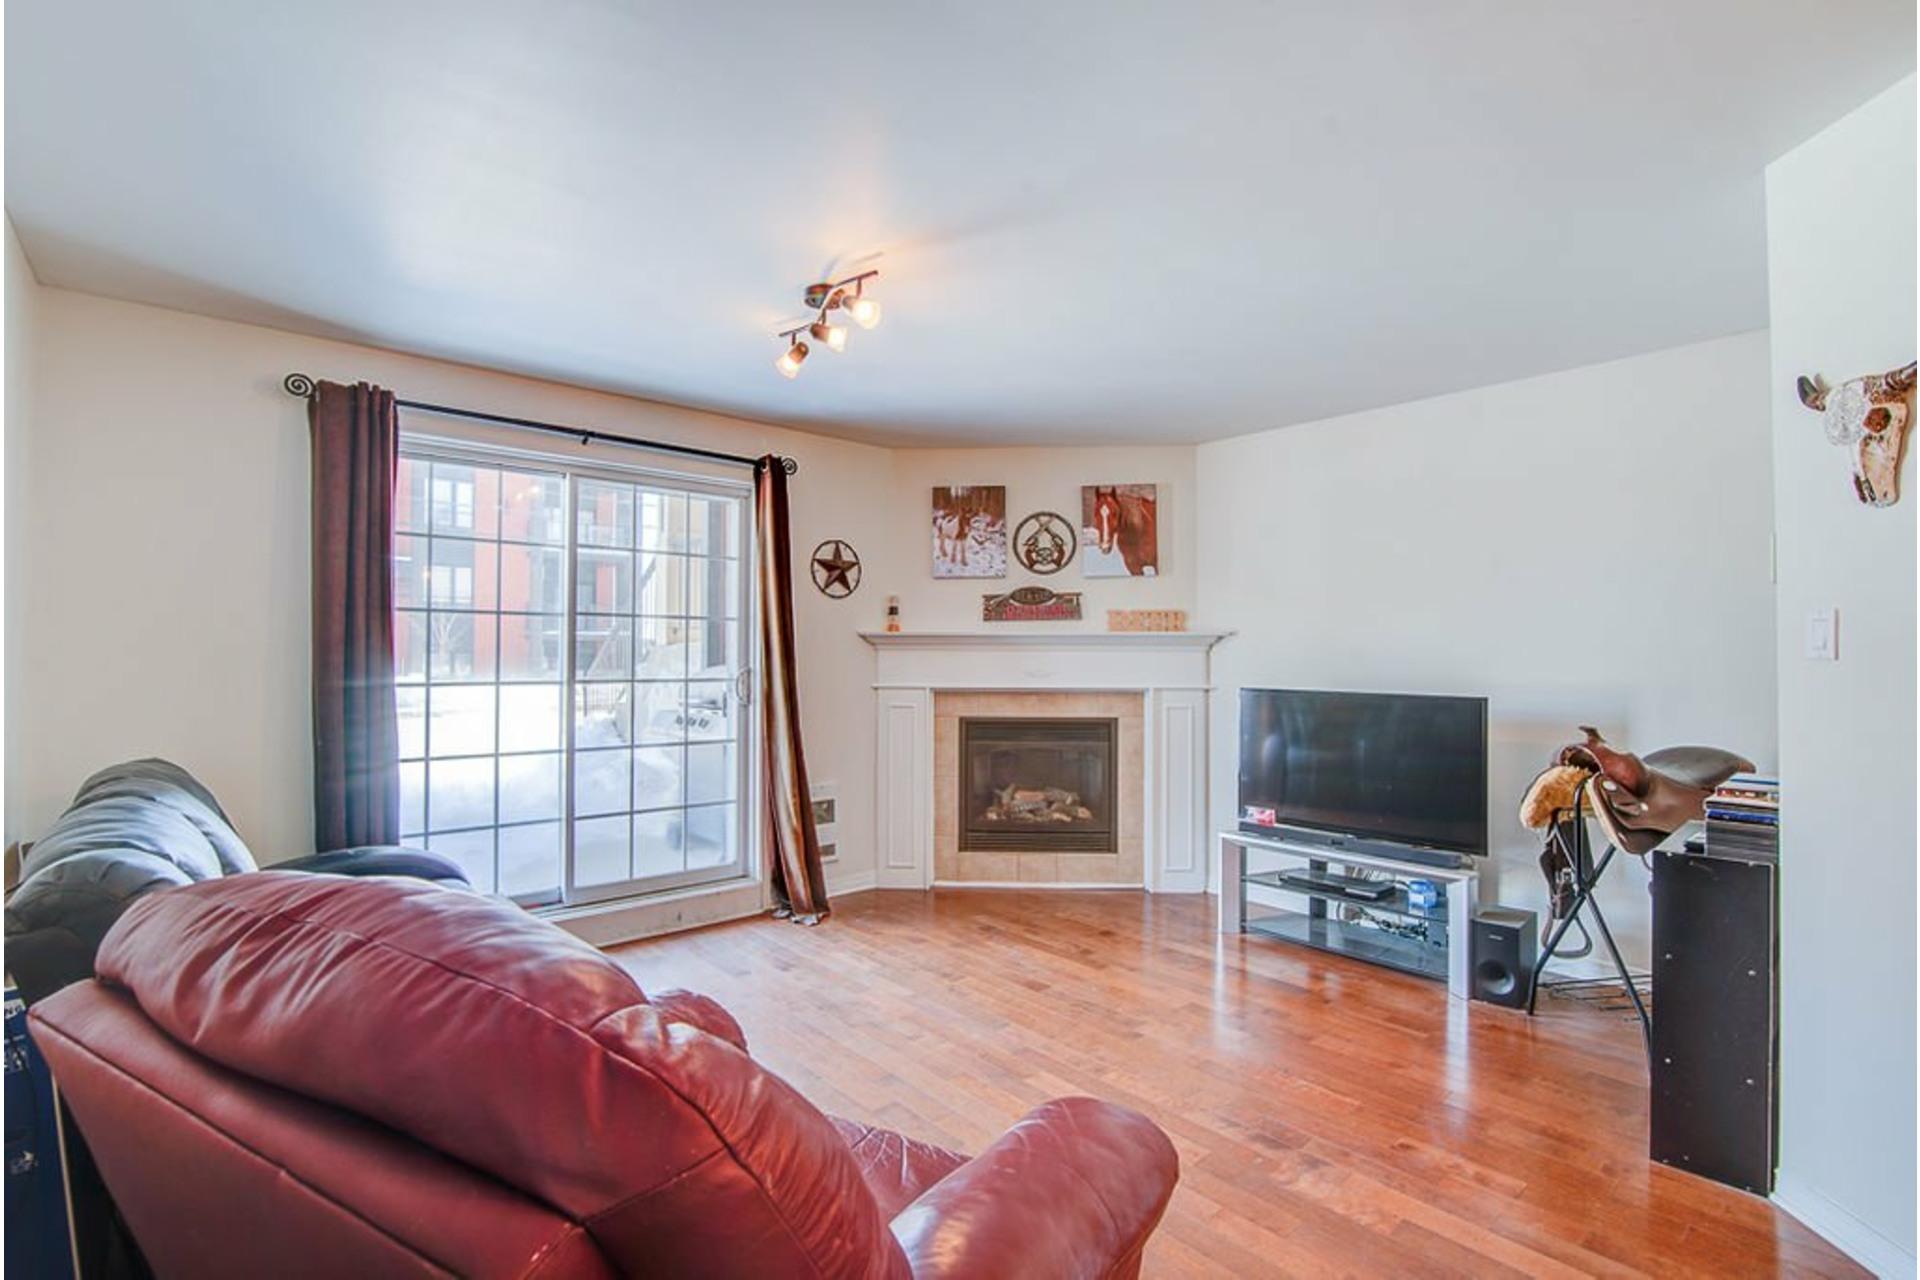 image 2 - Apartment For sale Sainte-Anne-des-Plaines - 7 rooms